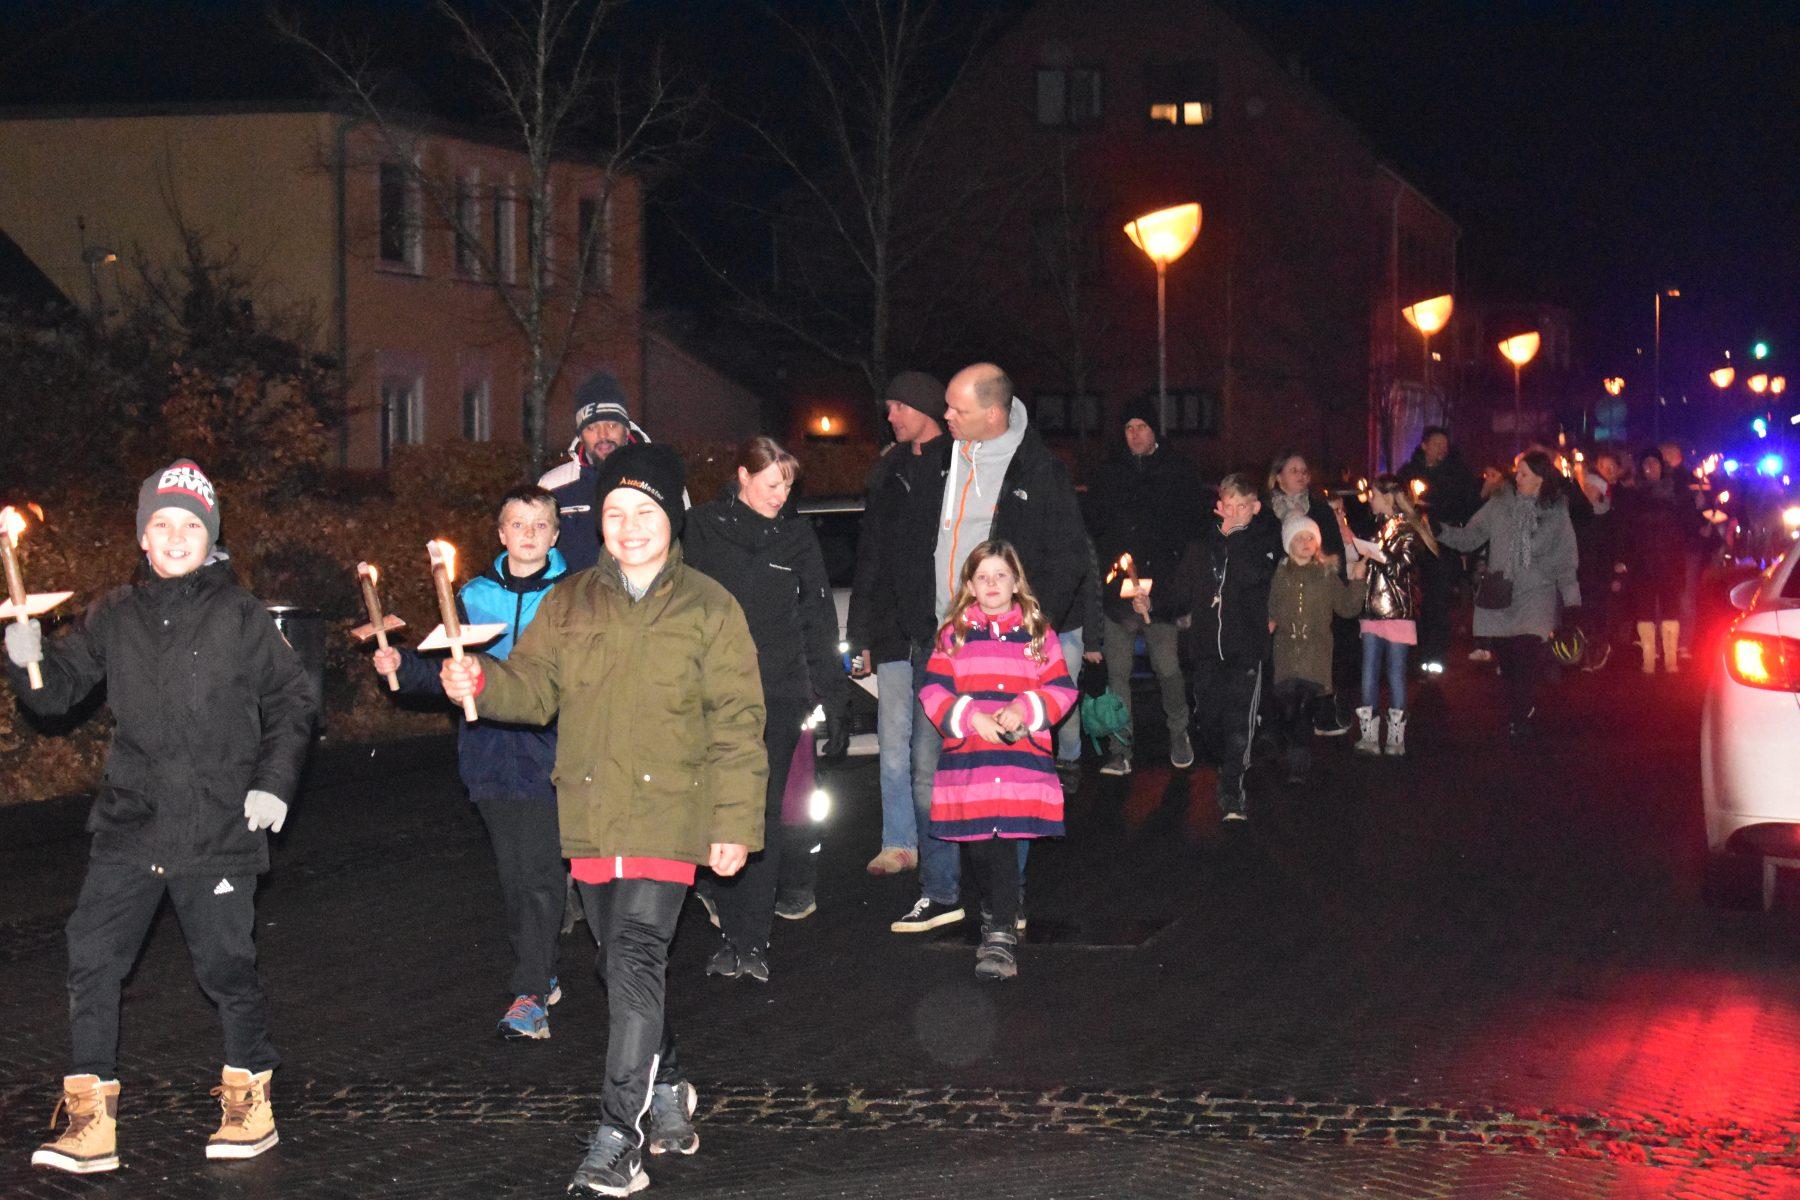 Juletræstænding i Ølstykke Stationsby - Vores Egedal